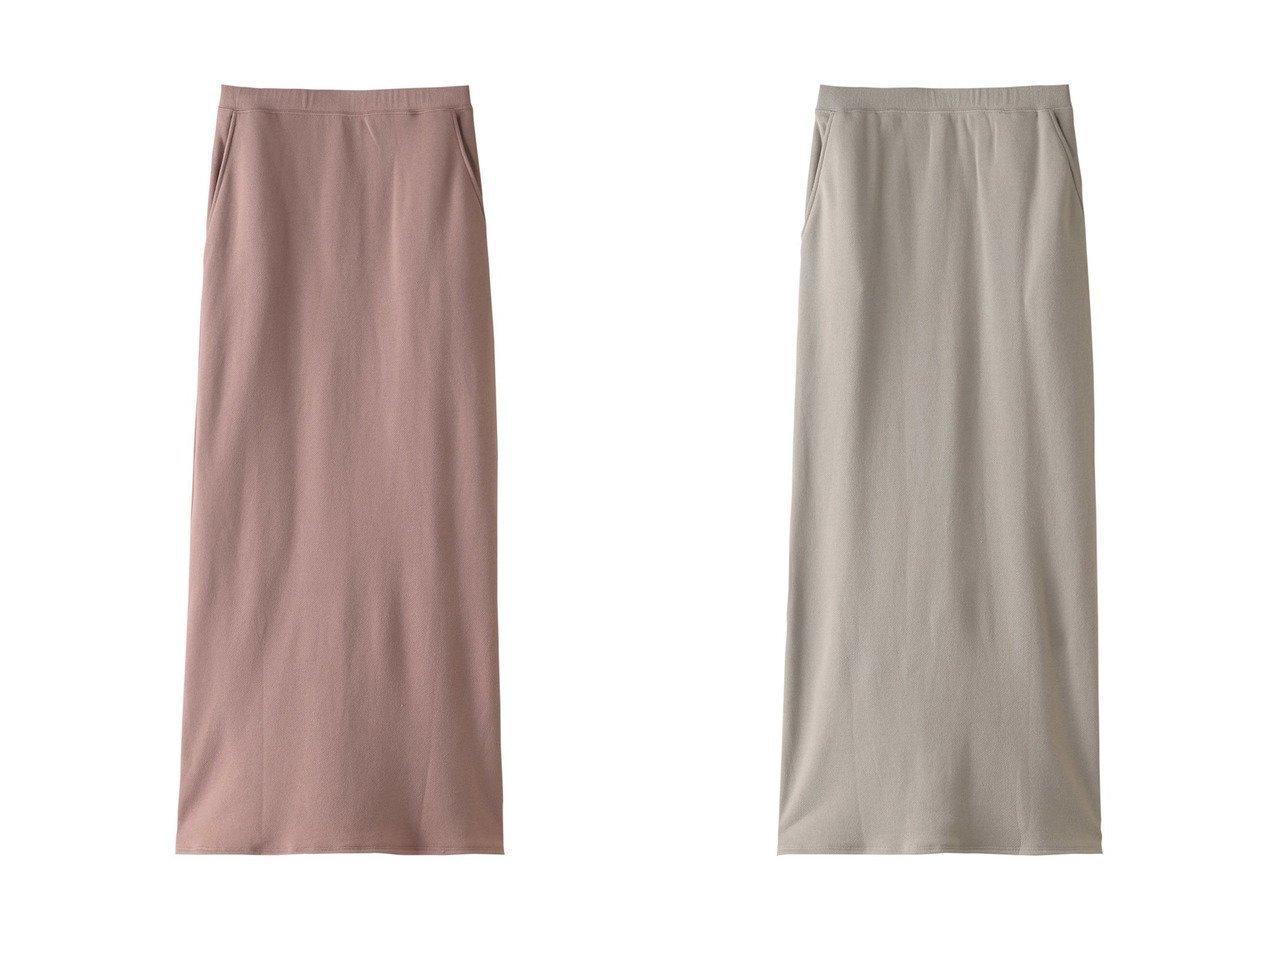 【three dots/スリー ドッツ】のスカート 【スカート】おすすめ!人気、トレンド・レディースファッションの通販 おすすめで人気の流行・トレンド、ファッションの通販商品 インテリア・家具・メンズファッション・キッズファッション・レディースファッション・服の通販 founy(ファニー) https://founy.com/ ファッション Fashion レディースファッション WOMEN スカート Skirt ロングスカート Long Skirt 2020年 2020 2020-2021秋冬・A/W AW・Autumn/Winter・FW・Fall-Winter/2020-2021 2021年 2021 2021-2022秋冬・A/W AW・Autumn/Winter・FW・Fall-Winter・2021-2022 A/W・秋冬 AW・Autumn/Winter・FW・Fall-Winter おすすめ Recommend シンプル ストレート スリット セットアップ ポケット ロング |ID:crp329100000067242